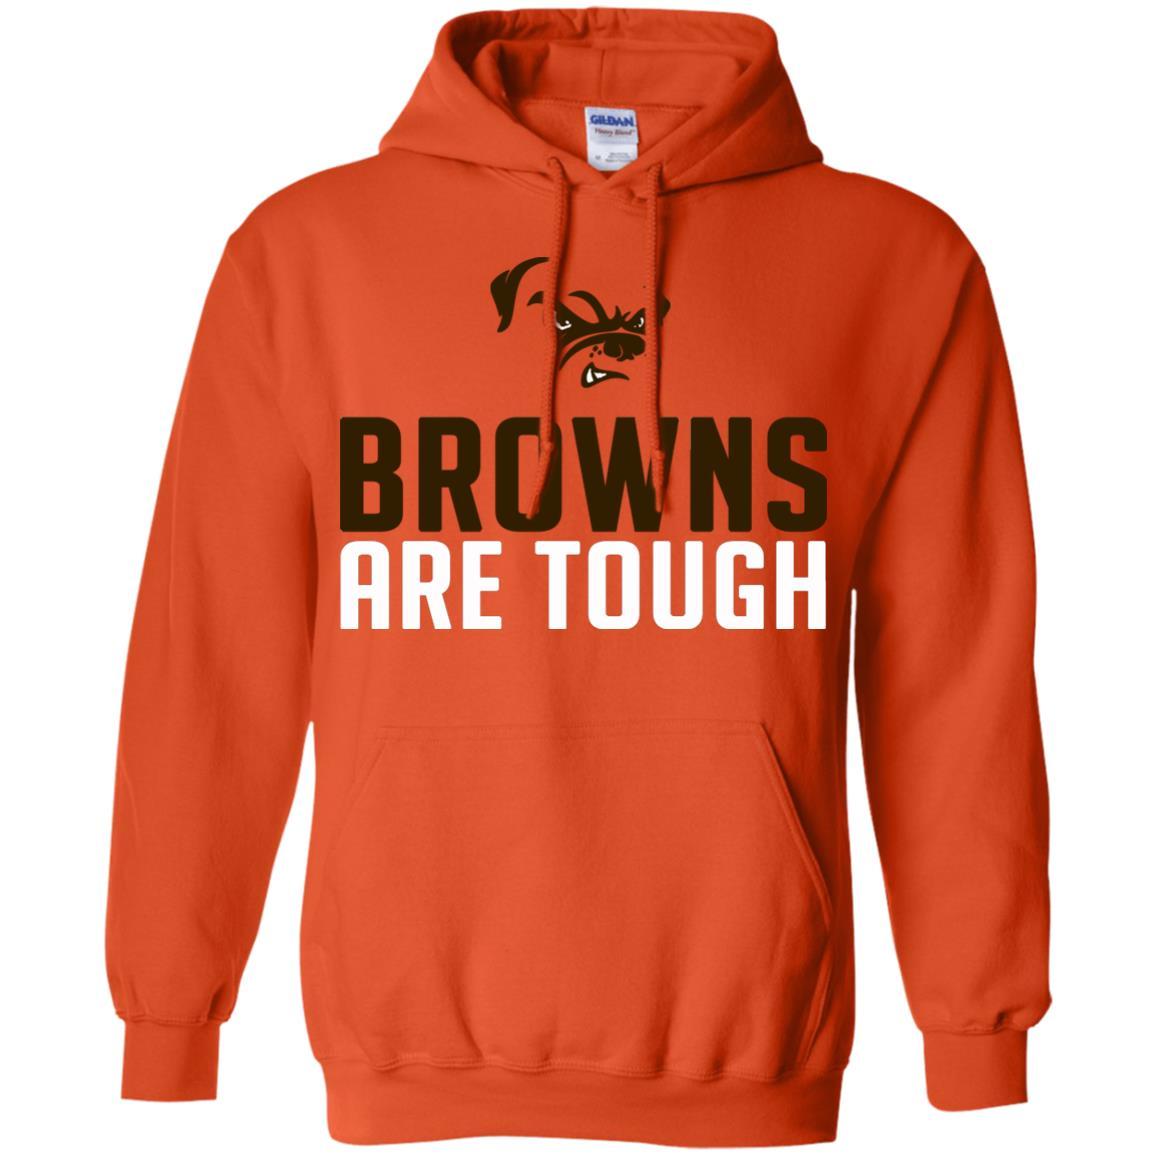 image 2483 - Cleveland Joe Thomas Browns are tough shirt